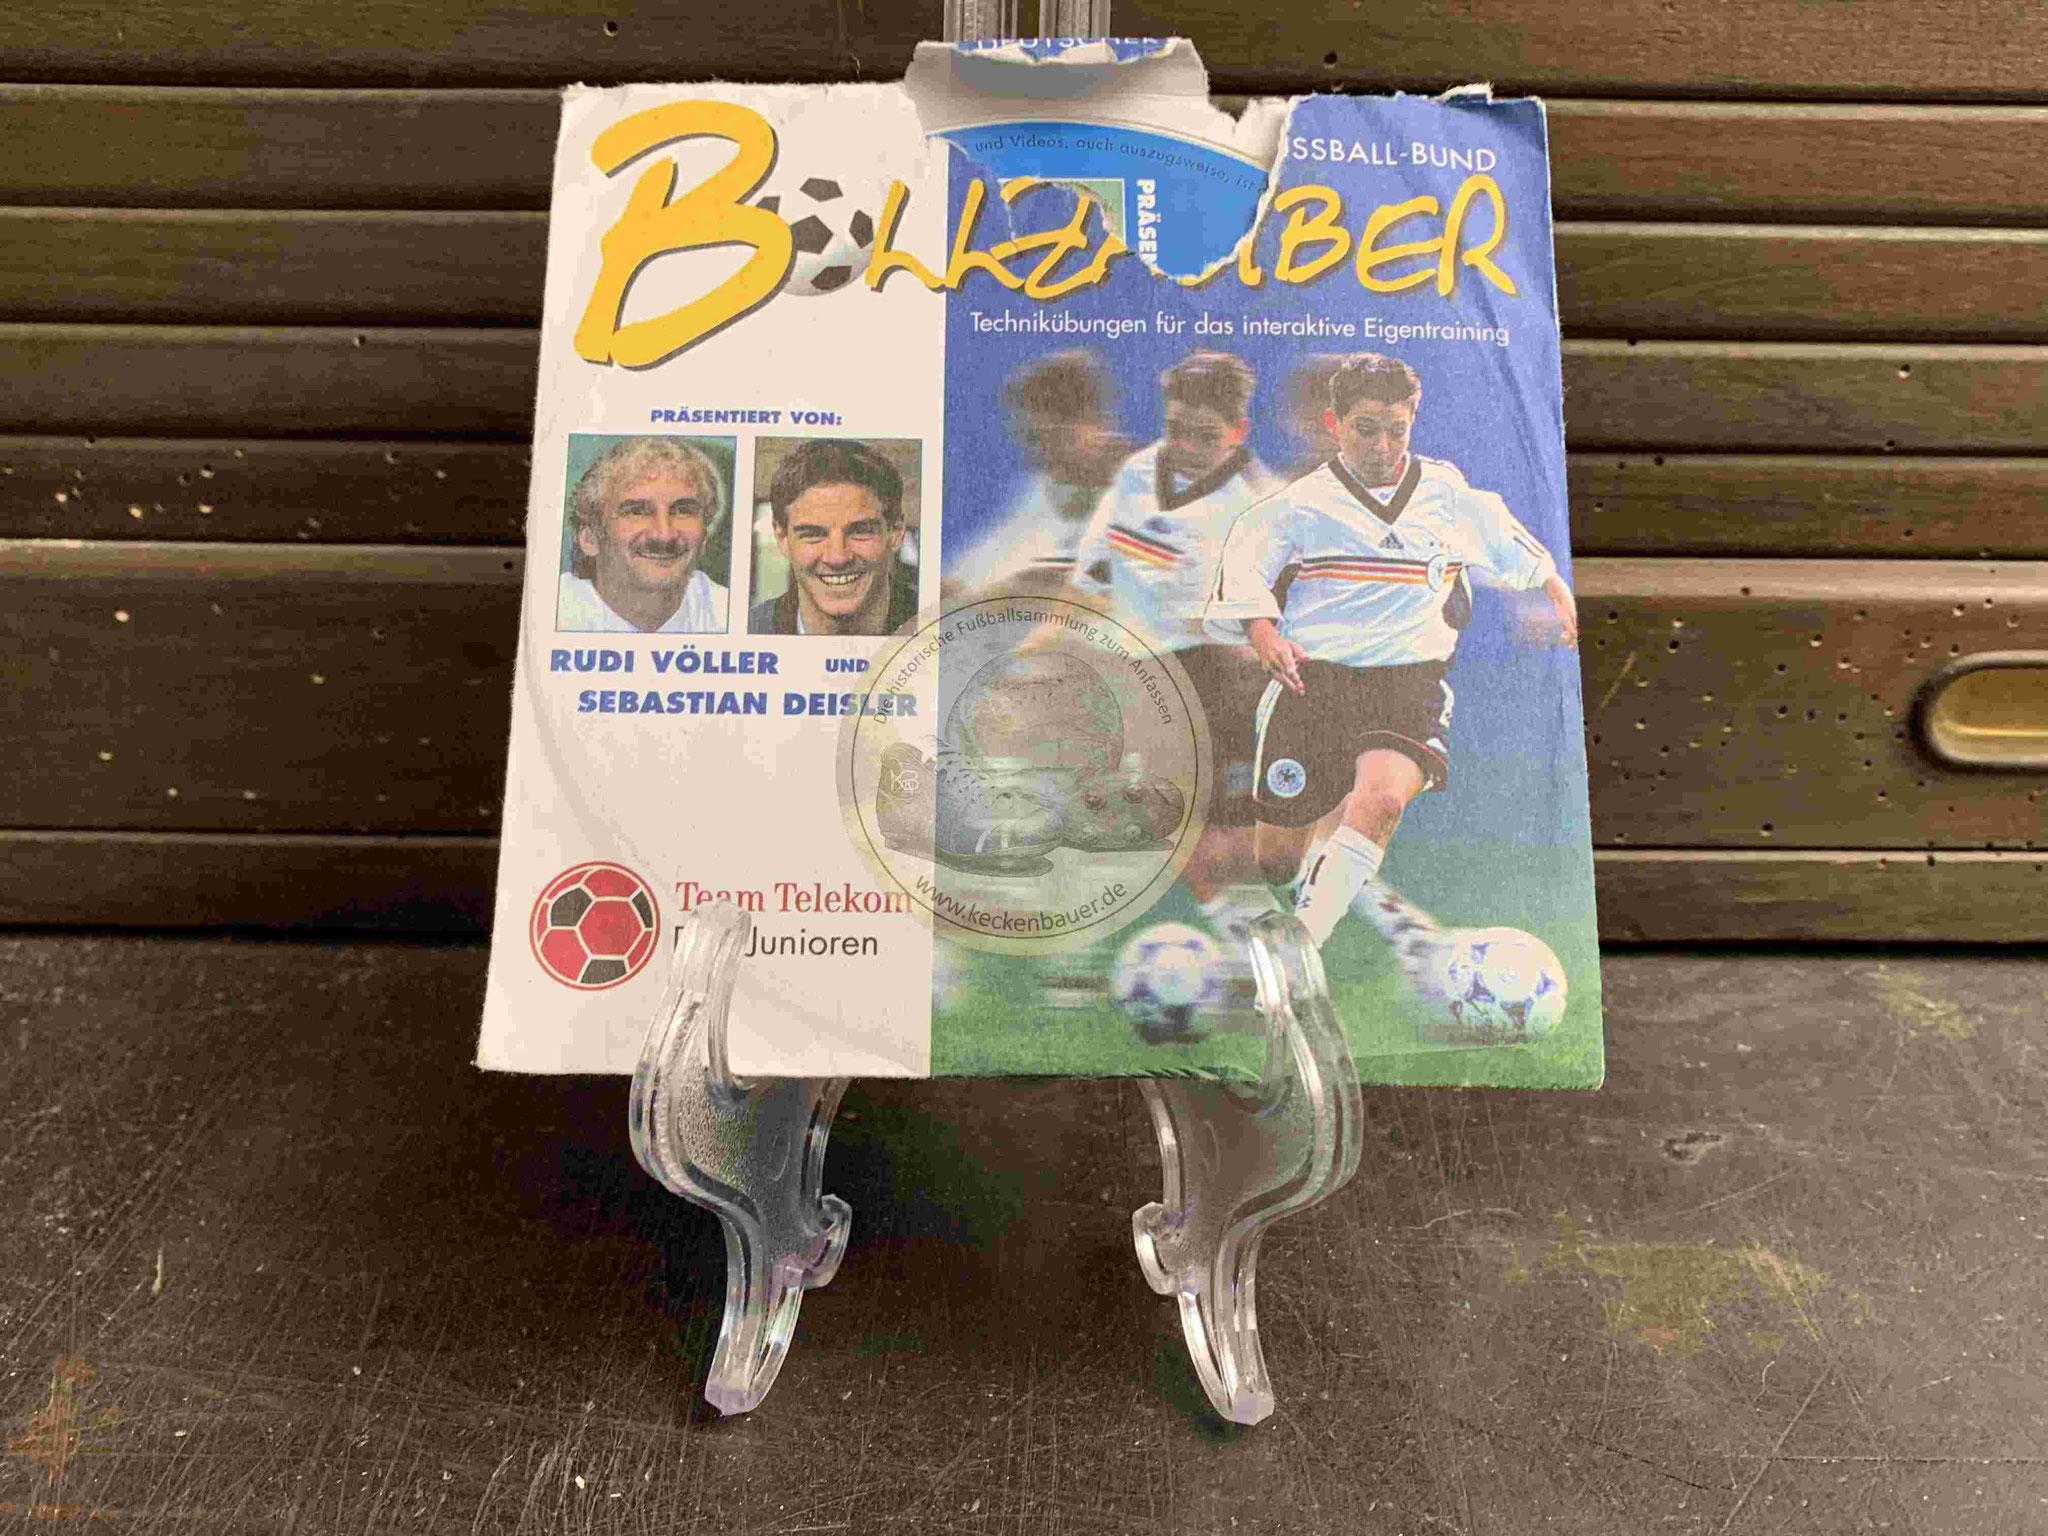 2001 Ballzauber Rudi Völler und Sebastian Deisler